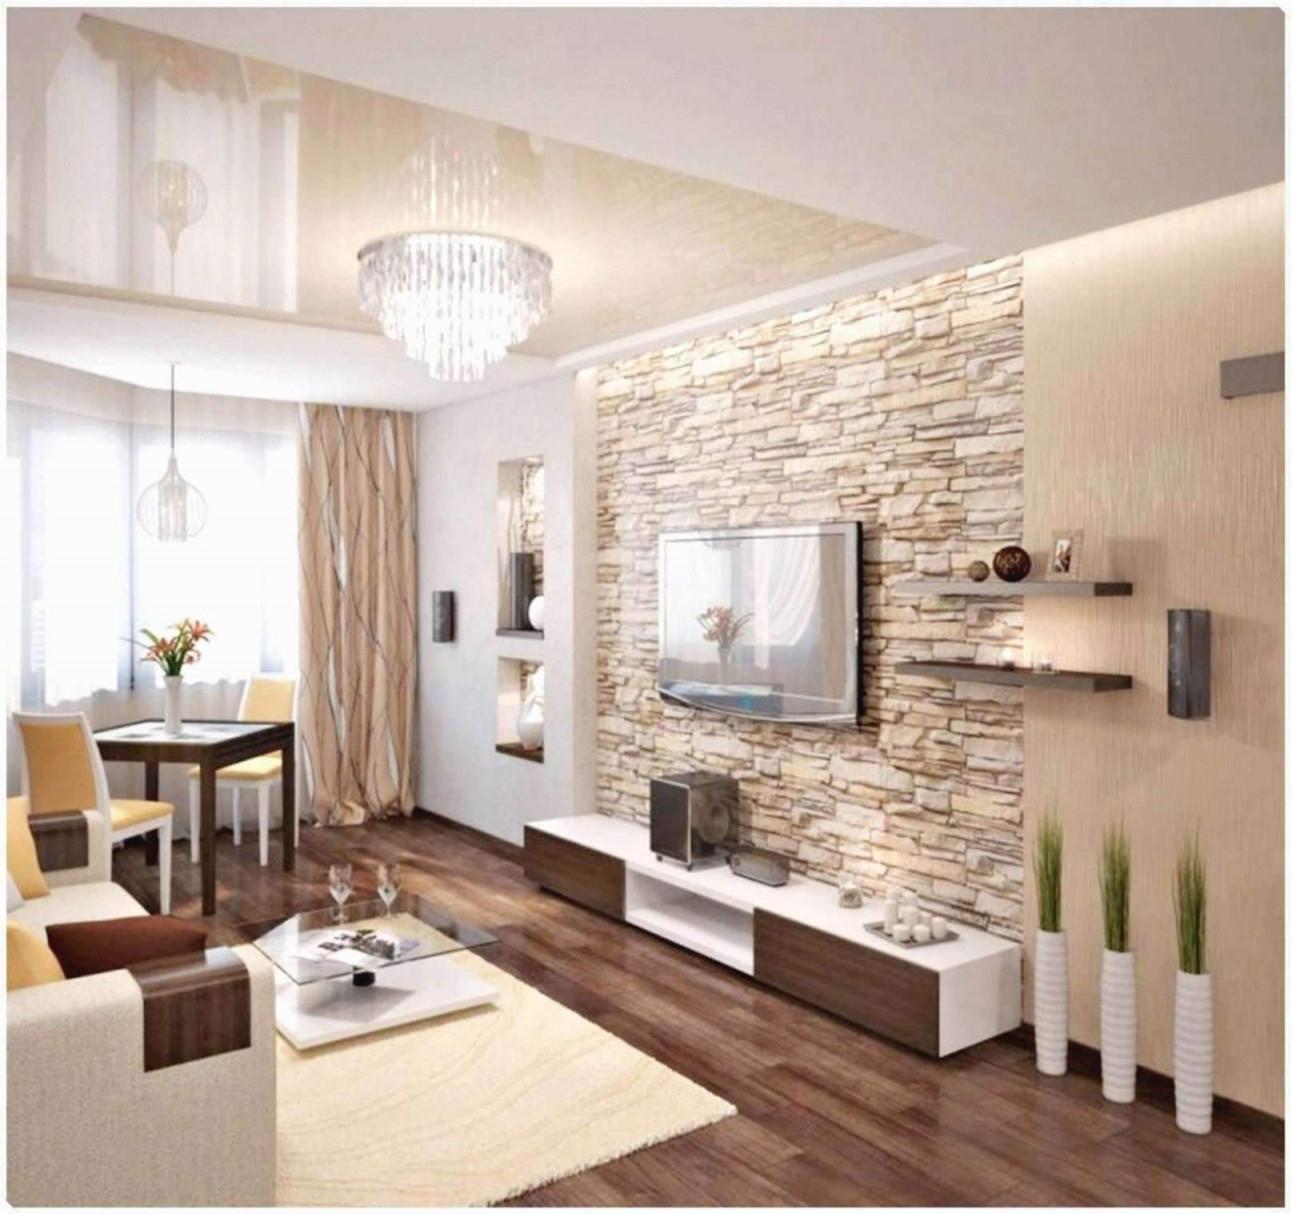 29 Luxus Wohnzimmer Einrichten Ideen Genial  Wohnzimmer Frisch von Wohnzimmer Stilvoll Einrichten Bild